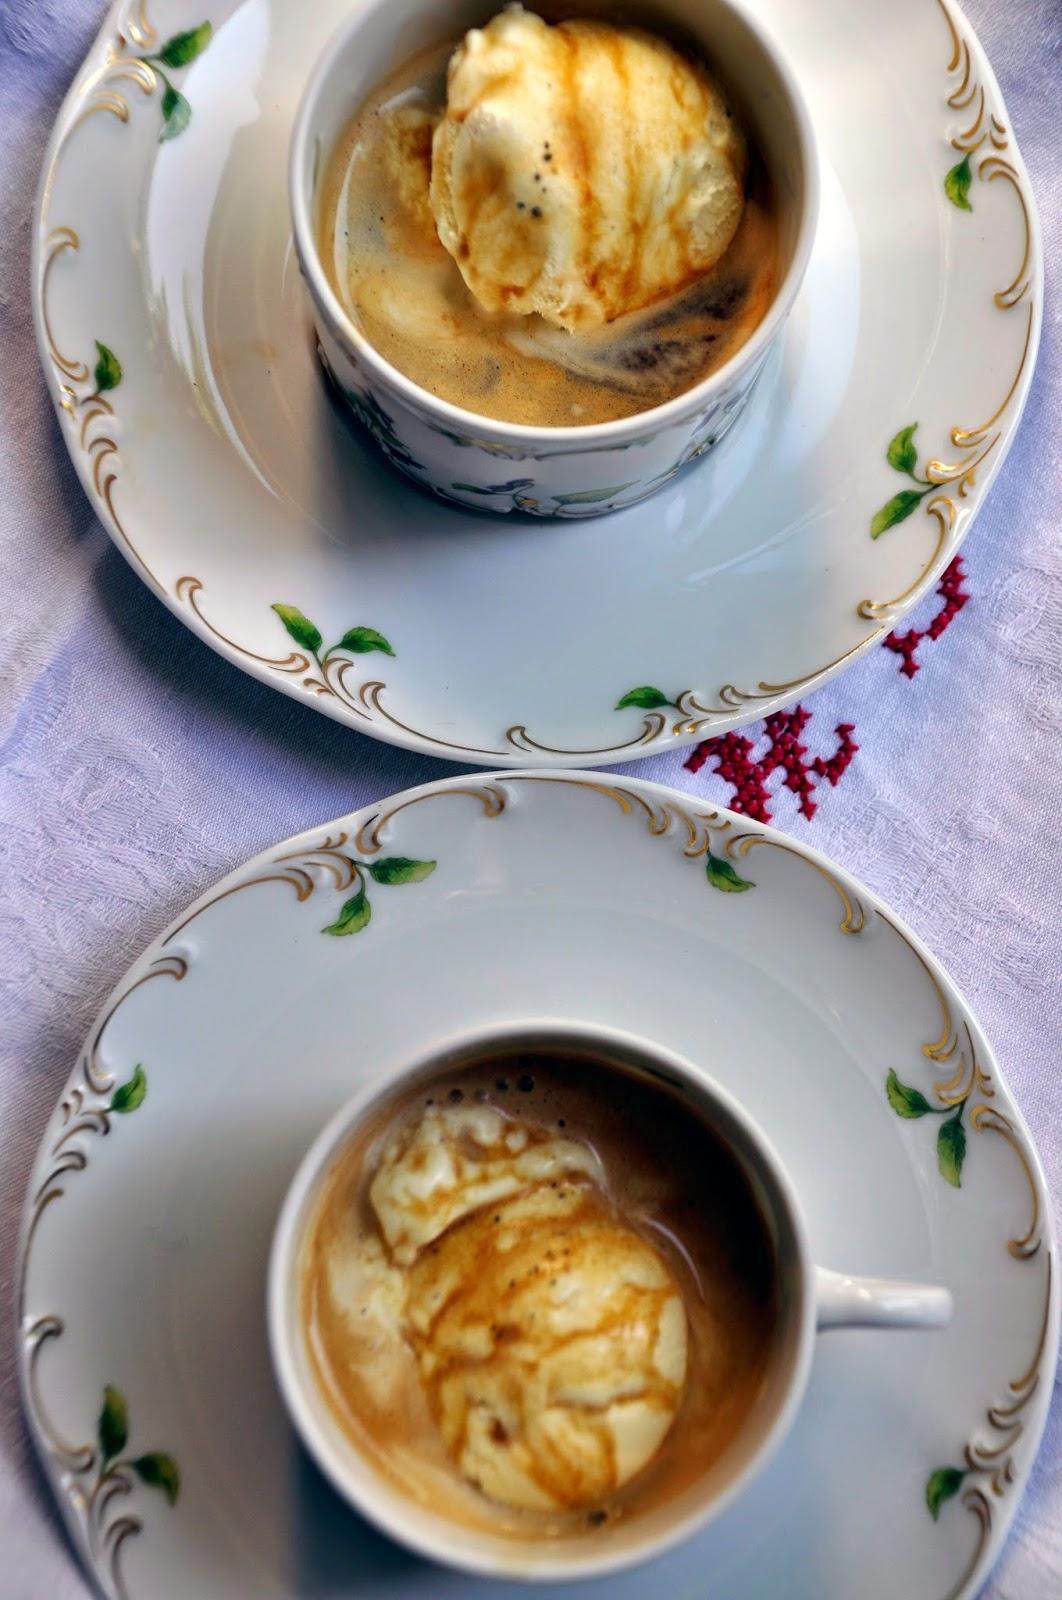 Szybko Tanio Smacznie - Espresso z lodami waniliowymi